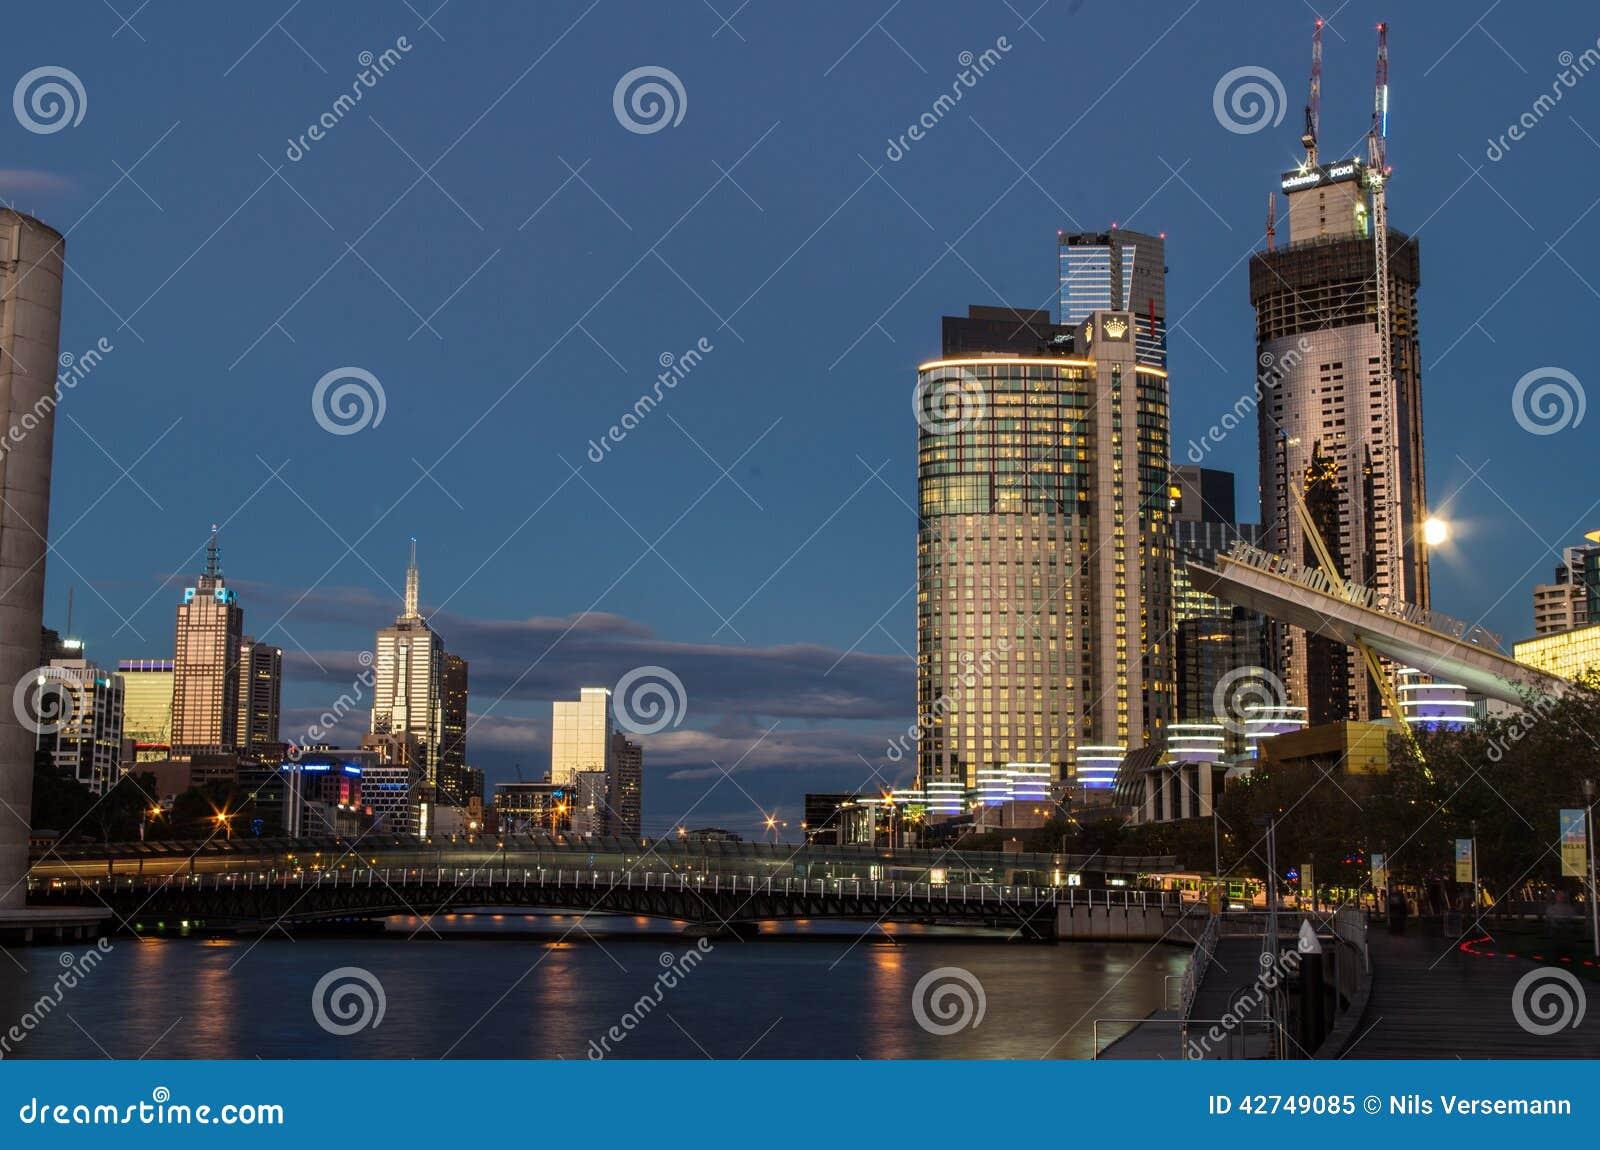 crown casino tower melbourne australia